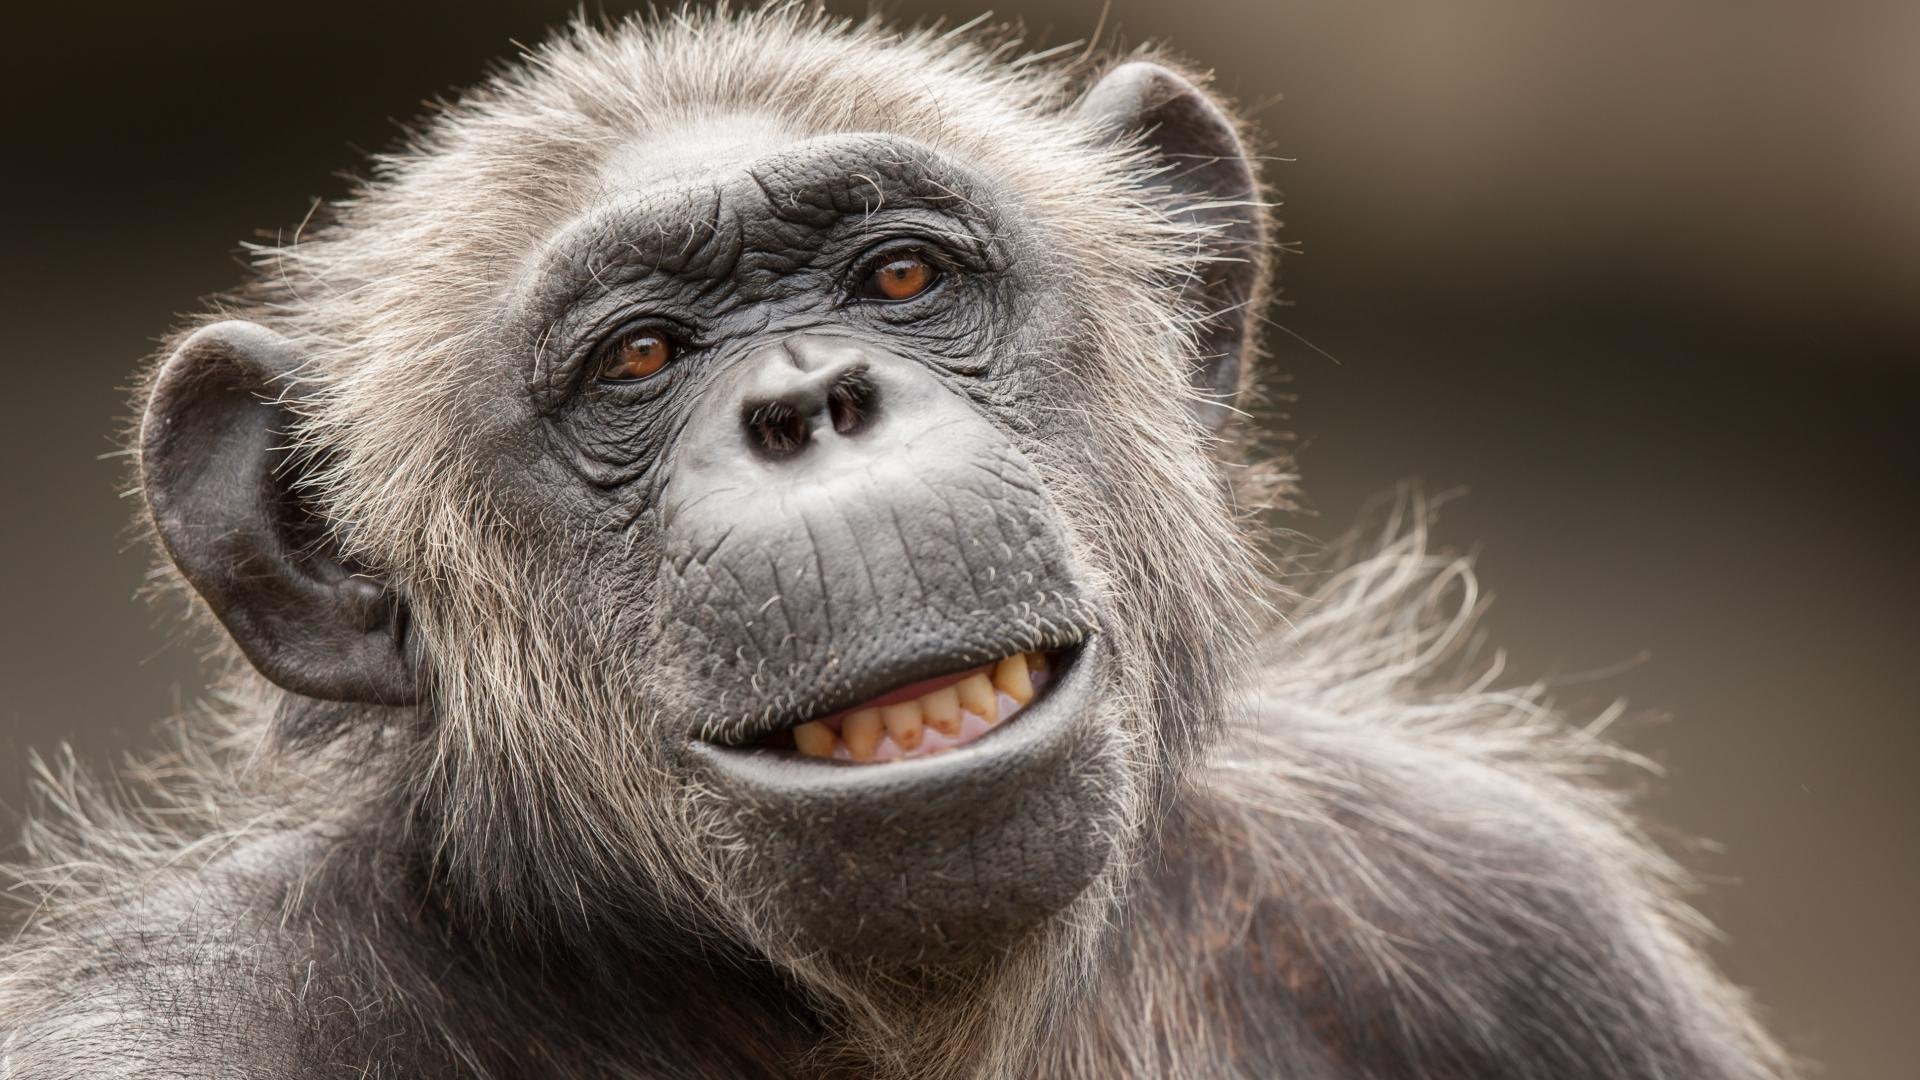 La cara de un chimpancé - 1920x1080